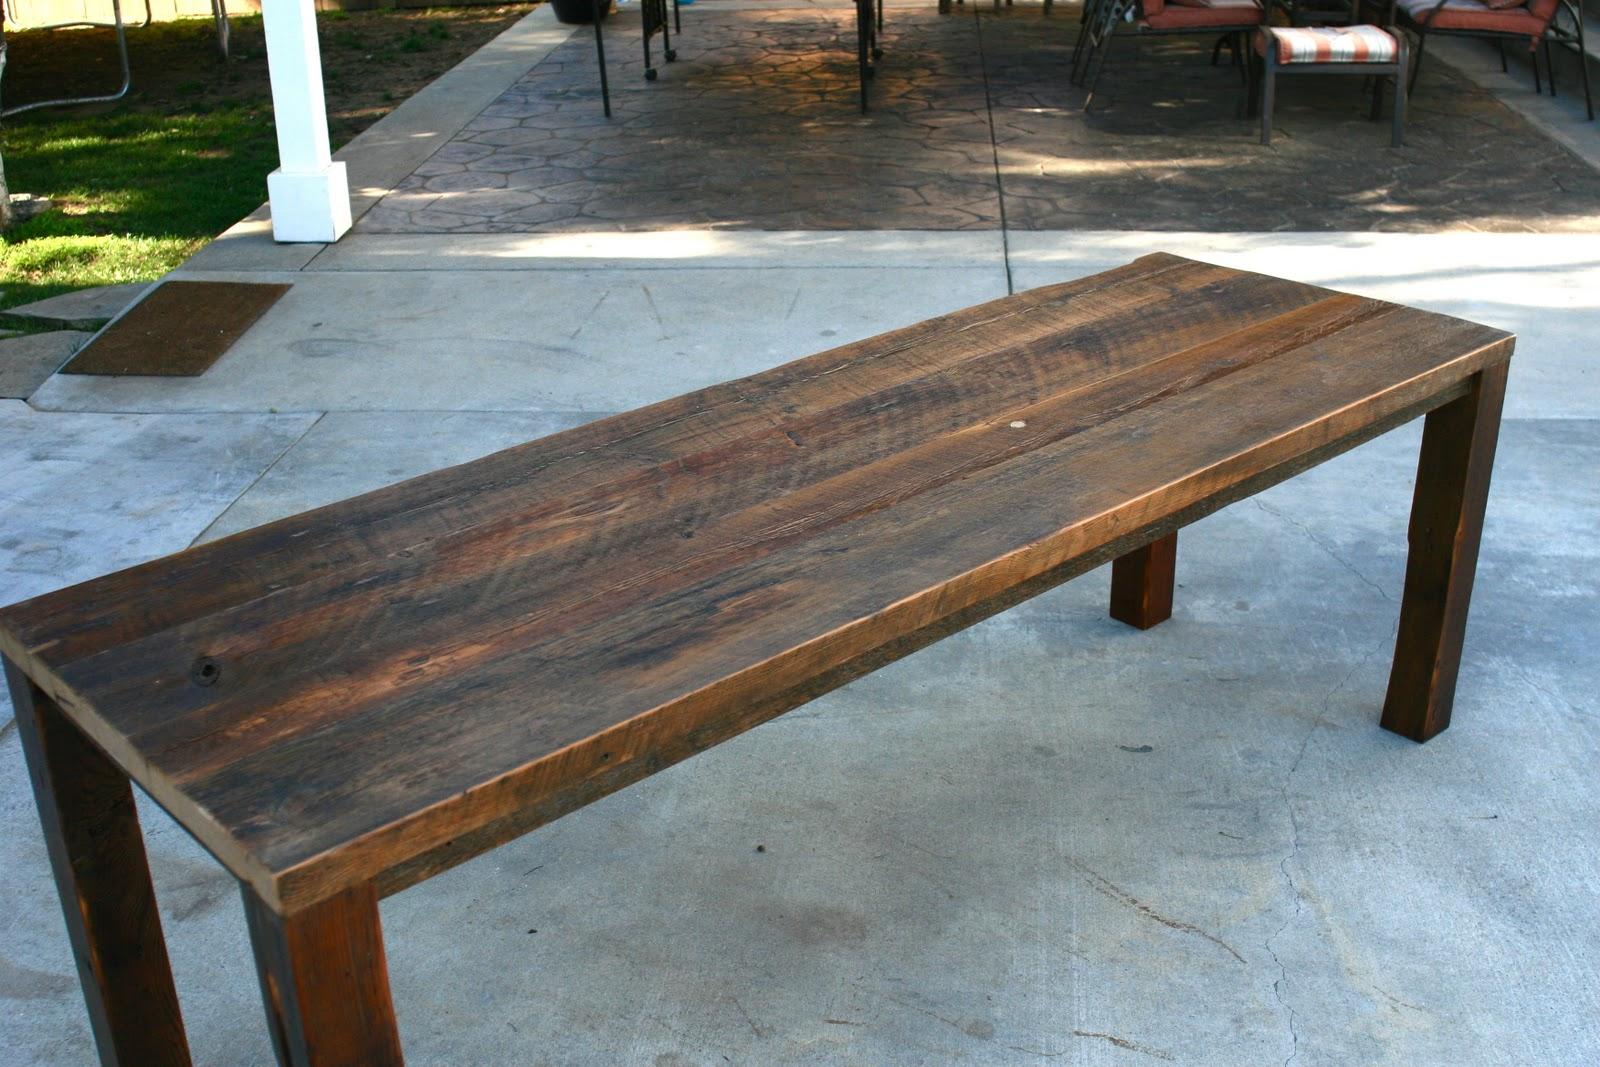 Arbor Exchange Reclaimed Wood Furniture 7 39 Outdoor Hemlock Table